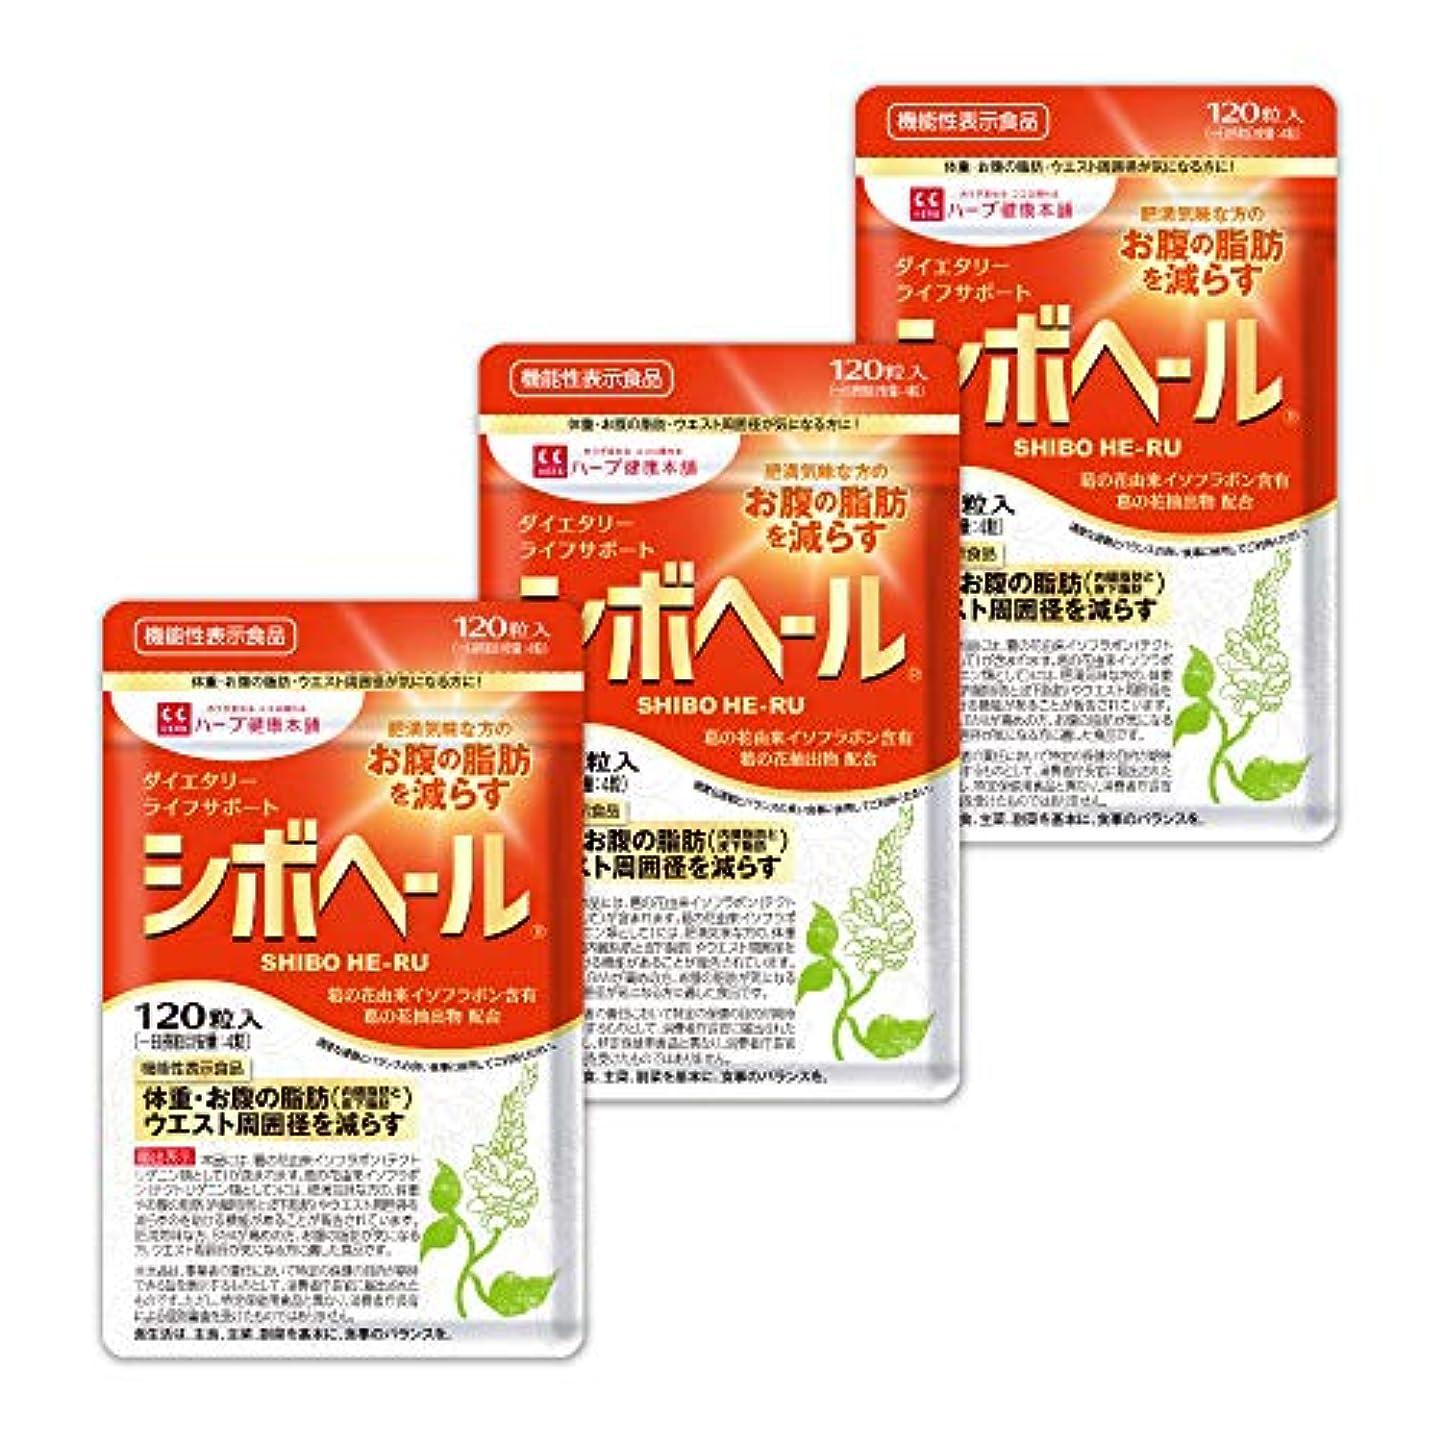 感性配送インディカハーブ健康本舗 シボヘール 3袋セット[機能性表示食品]